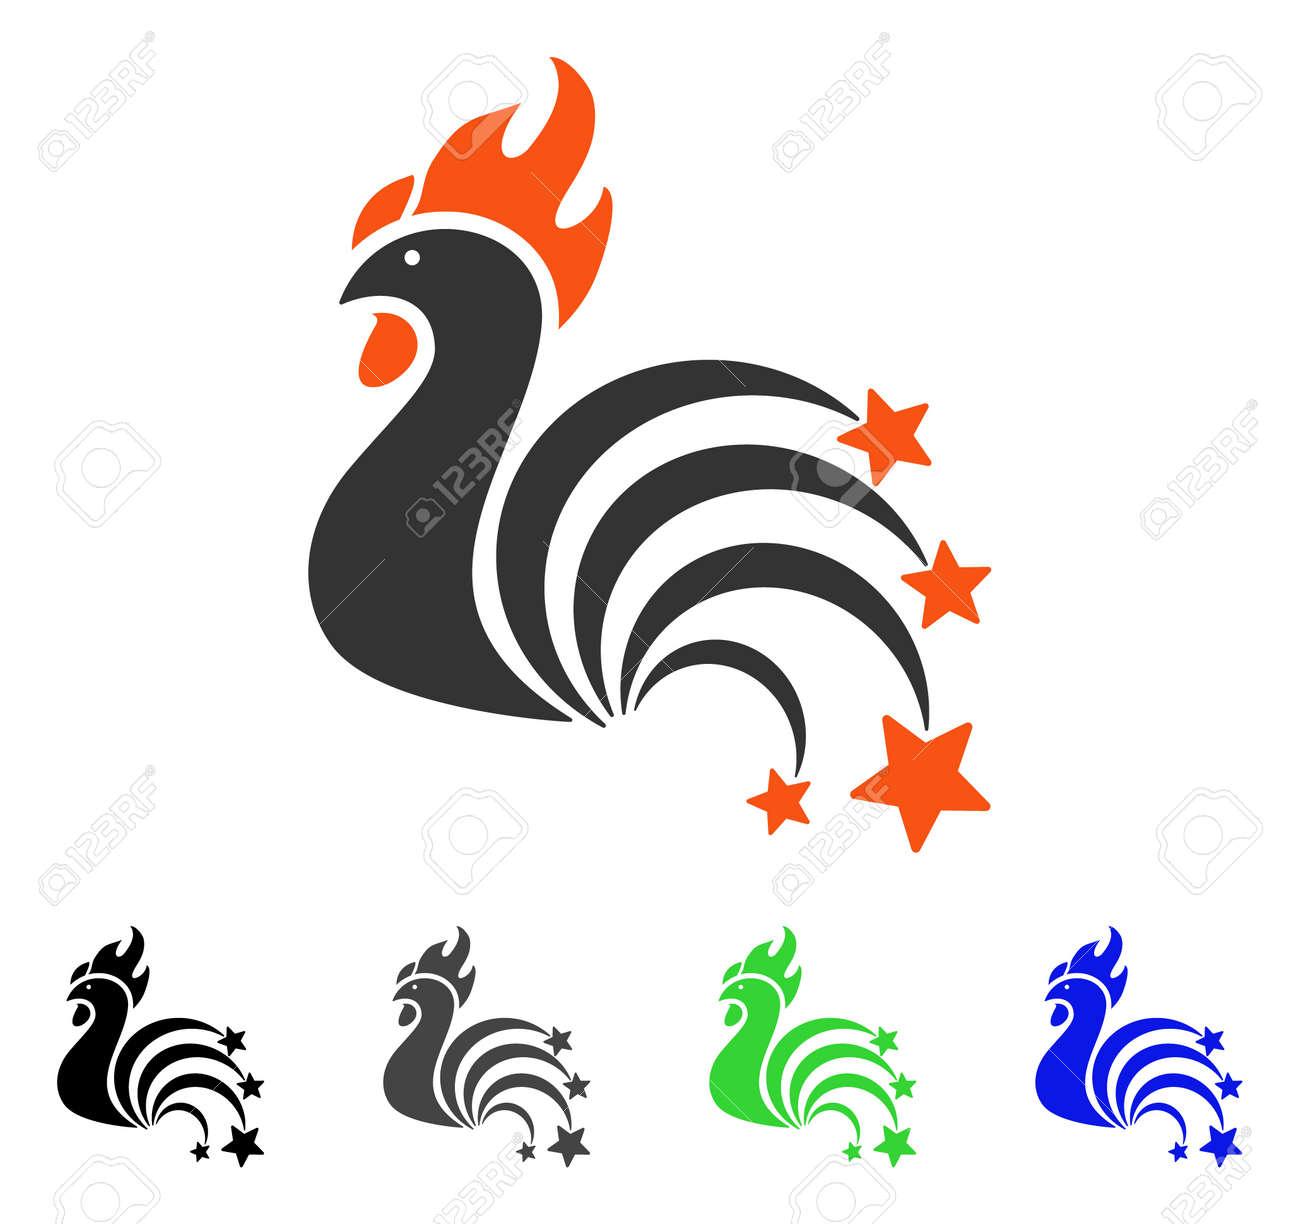 14fec8c934734 Foto de archivo - Gallo chispea ilustración vectorial plana. El gallo de  colores brilla en versiones de iconos grises